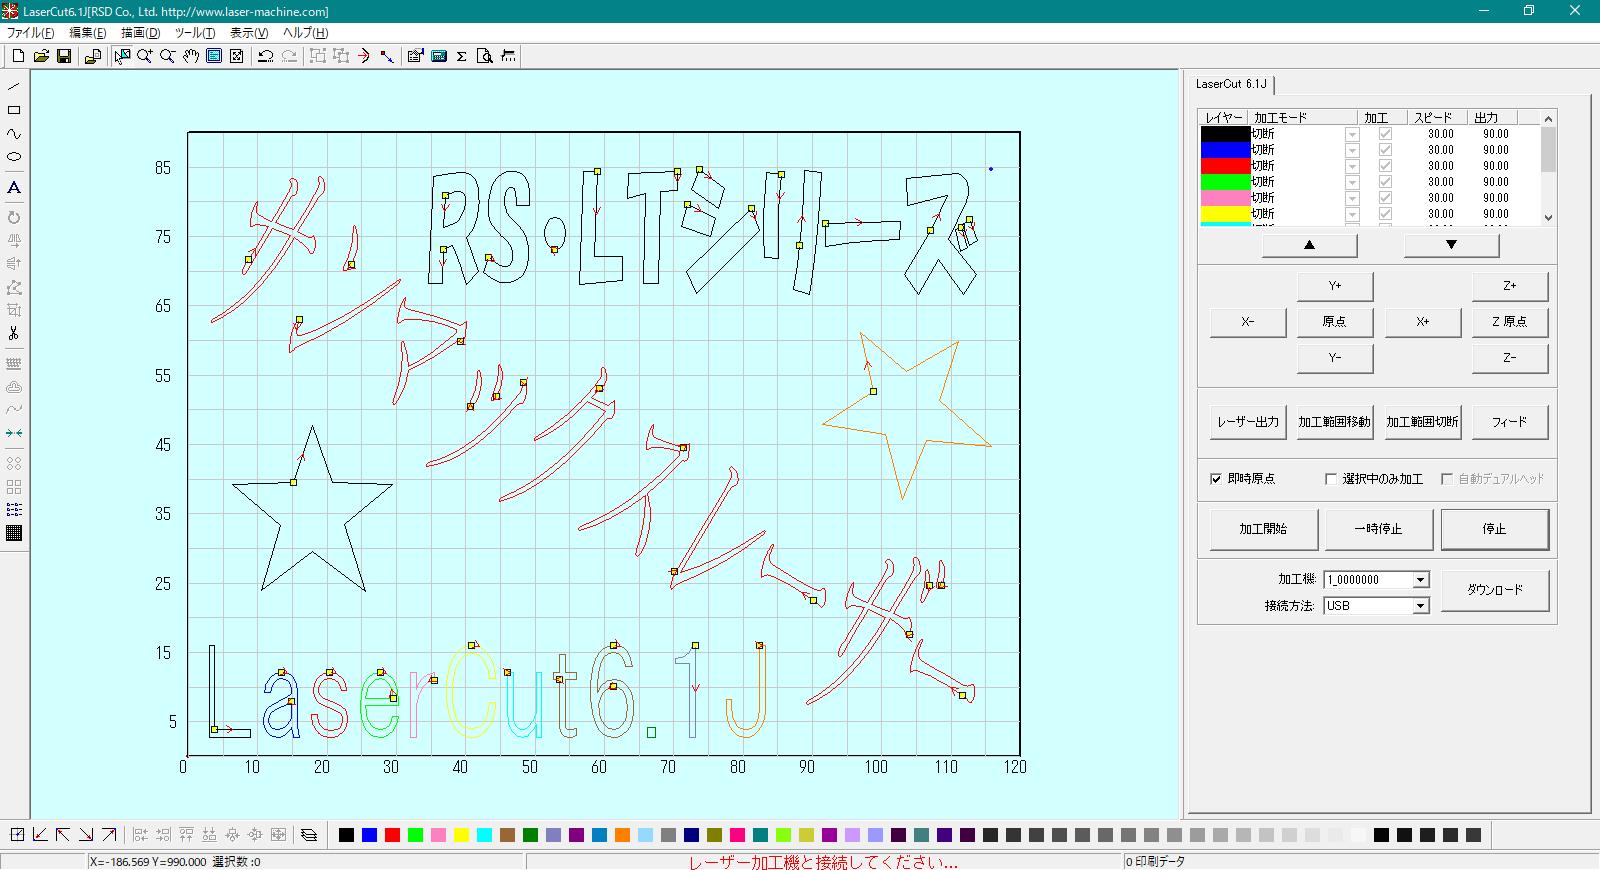 レーザー彫刻機 RSD 専用ソフト LaserCut6.1